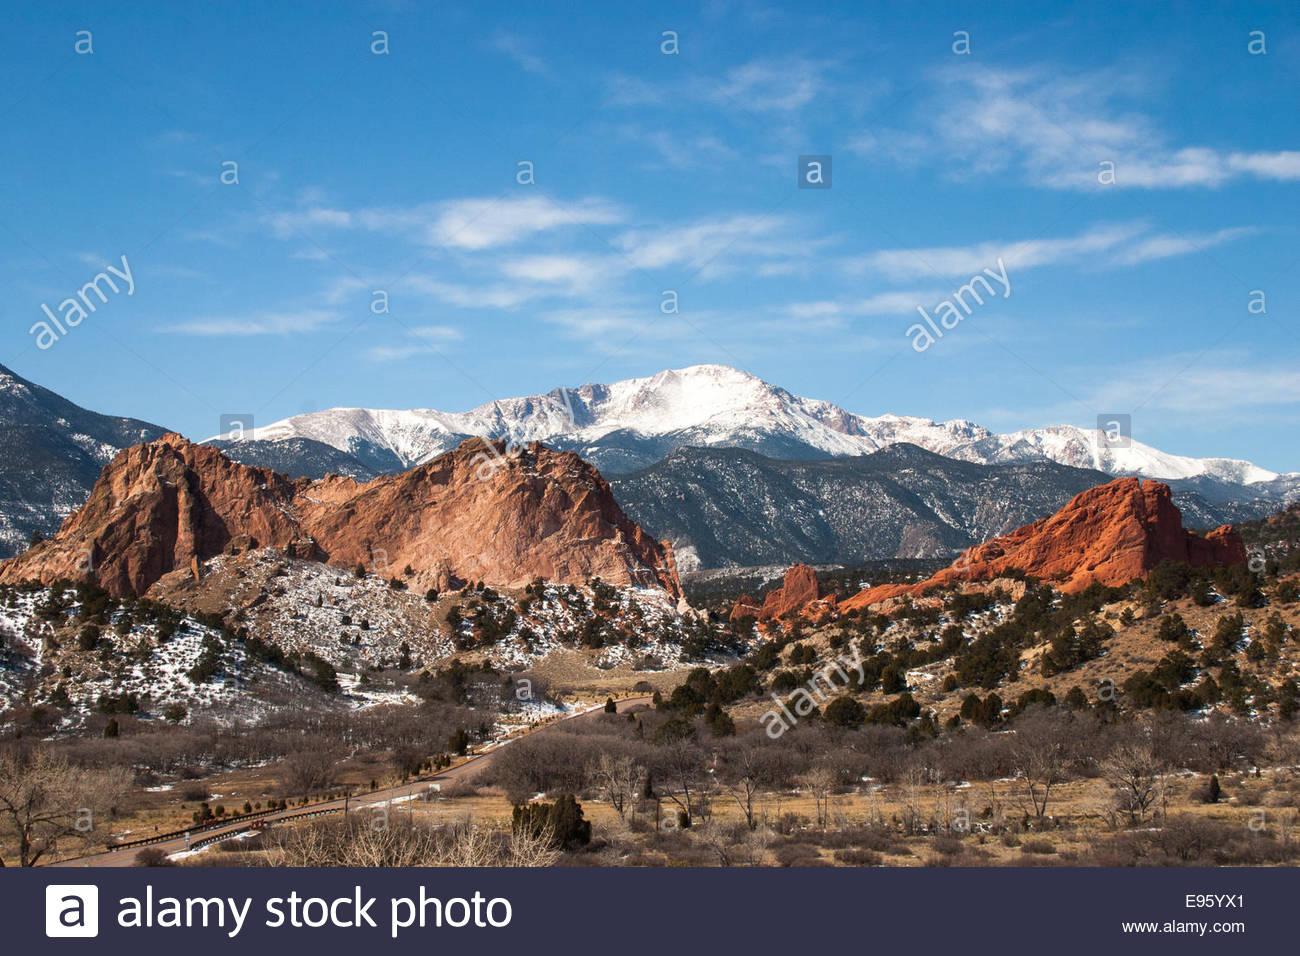 The Garden of the Gods Park, Colorado Springs, Colorado - Stock Image